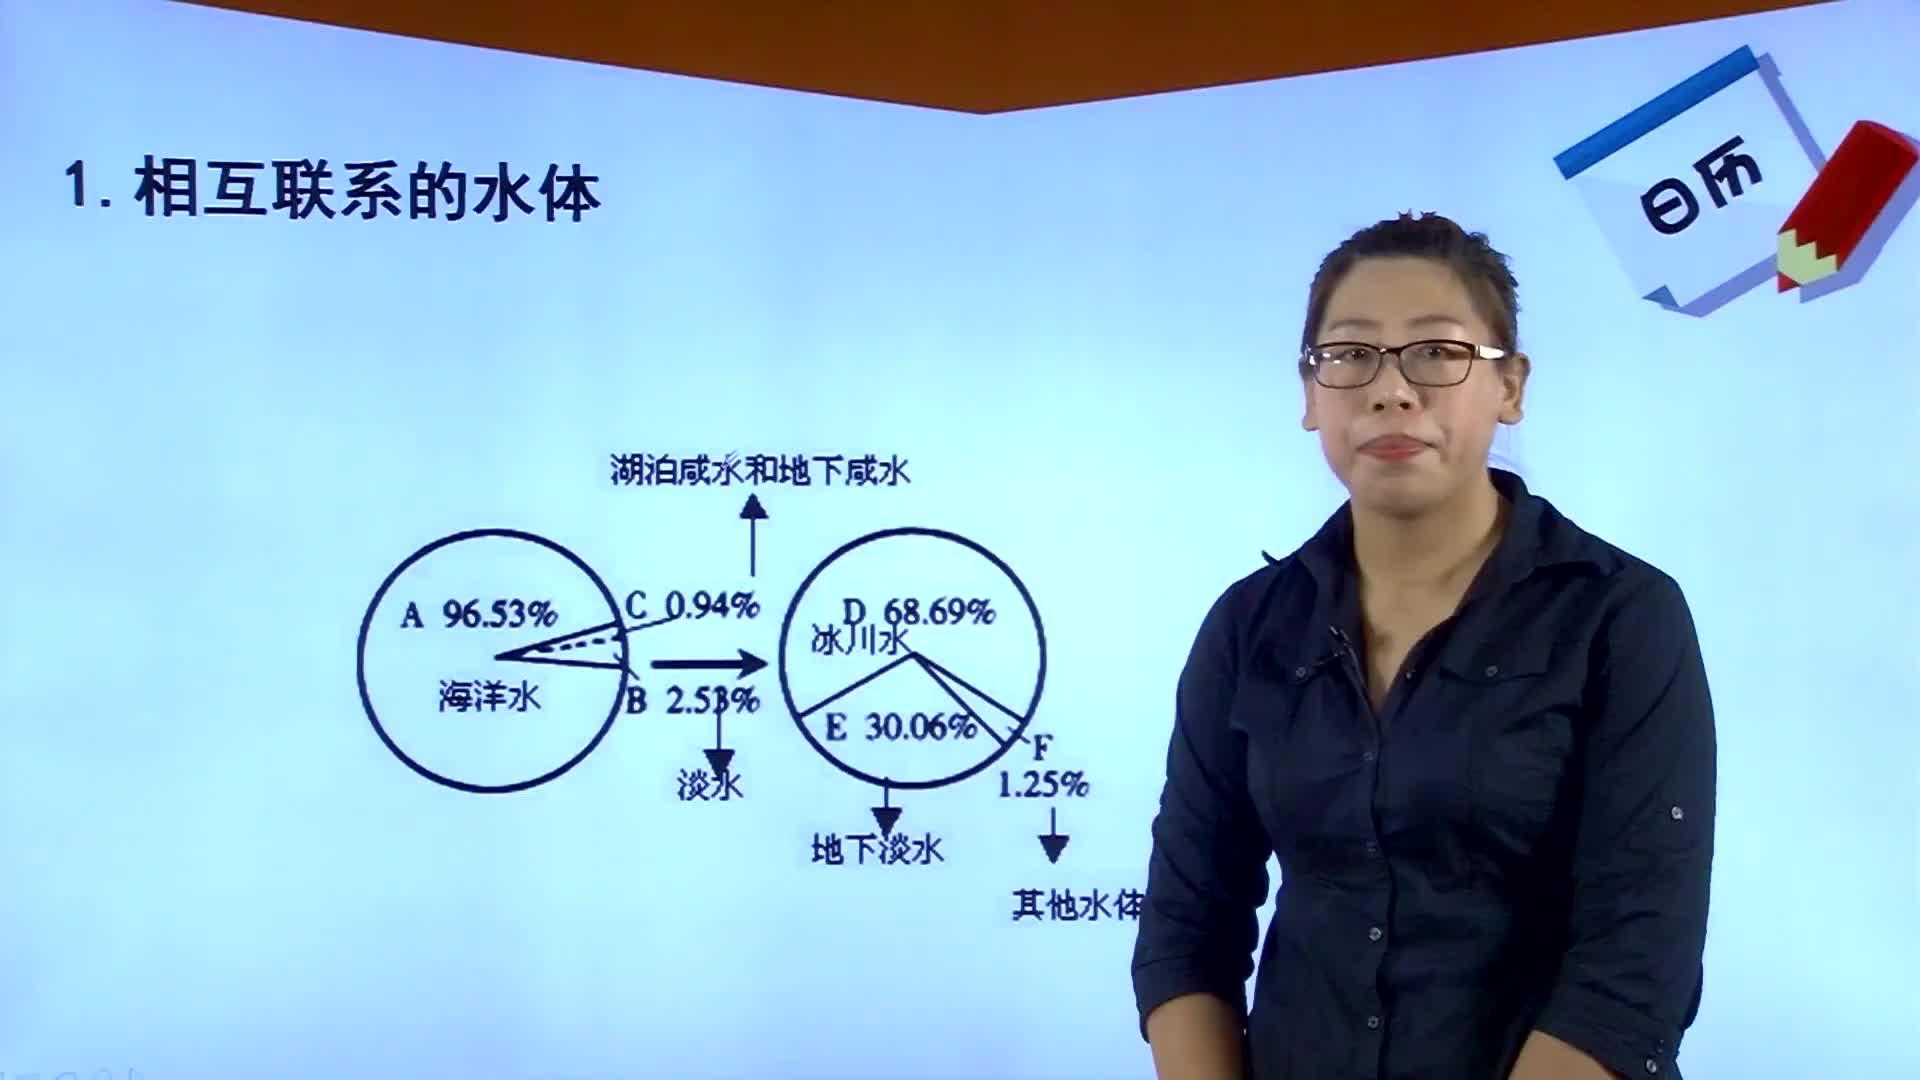 人教版 高中地理 必修一 3.1自然界的水循环(孙晓丽)-视频微课堂